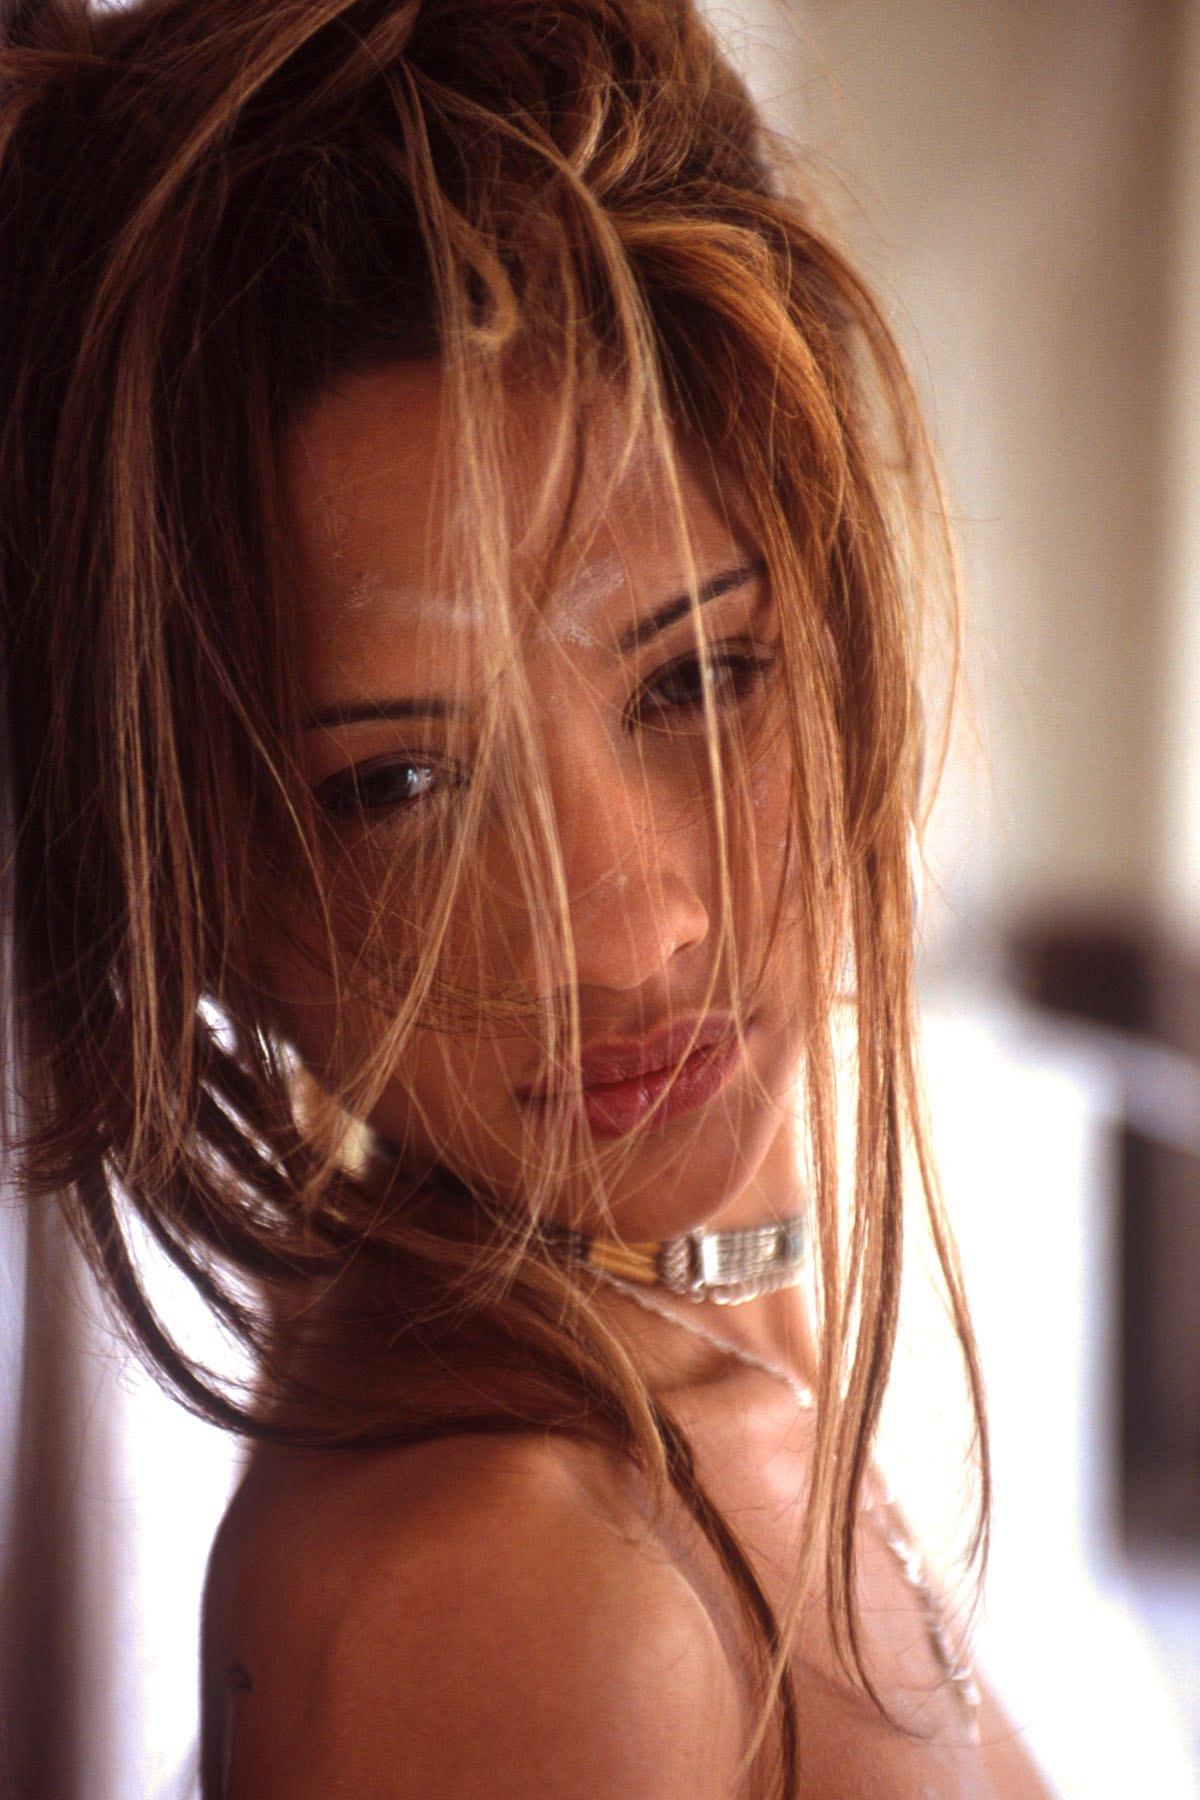 Элли мак тьяна порно актриса 12 фотография